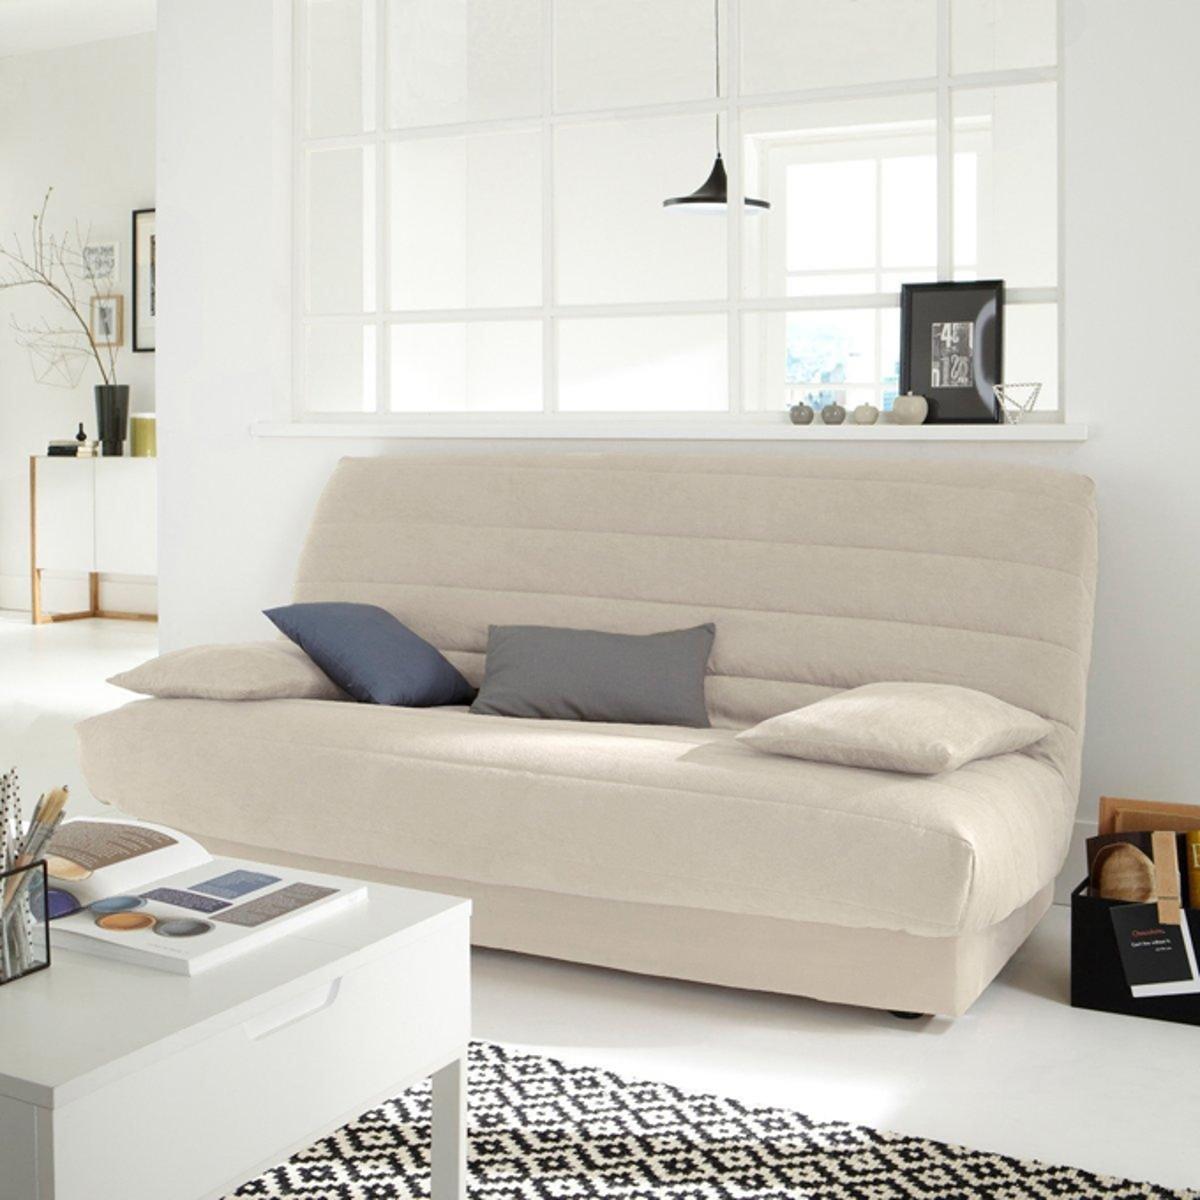 Чехол La Redoute Для основания раскладного дивана из искусственной замши единый размер бежевый чехол стеганый для раскладного дивана scénario